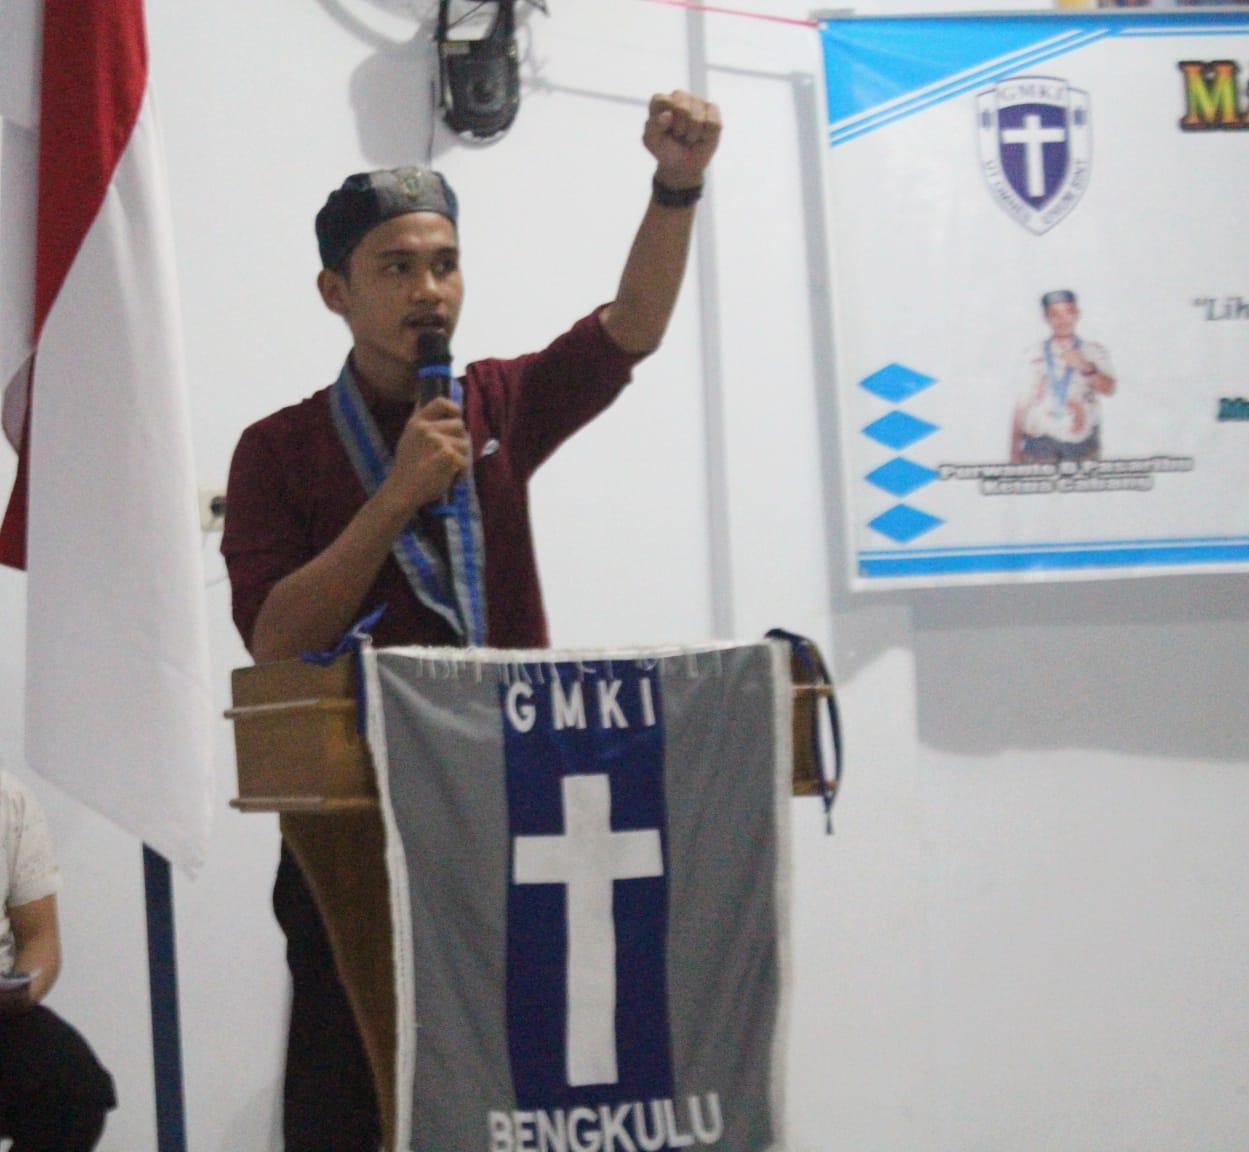 GMKI: Pemerintah Harus Segera Percepat Penyelesaian Covid-19